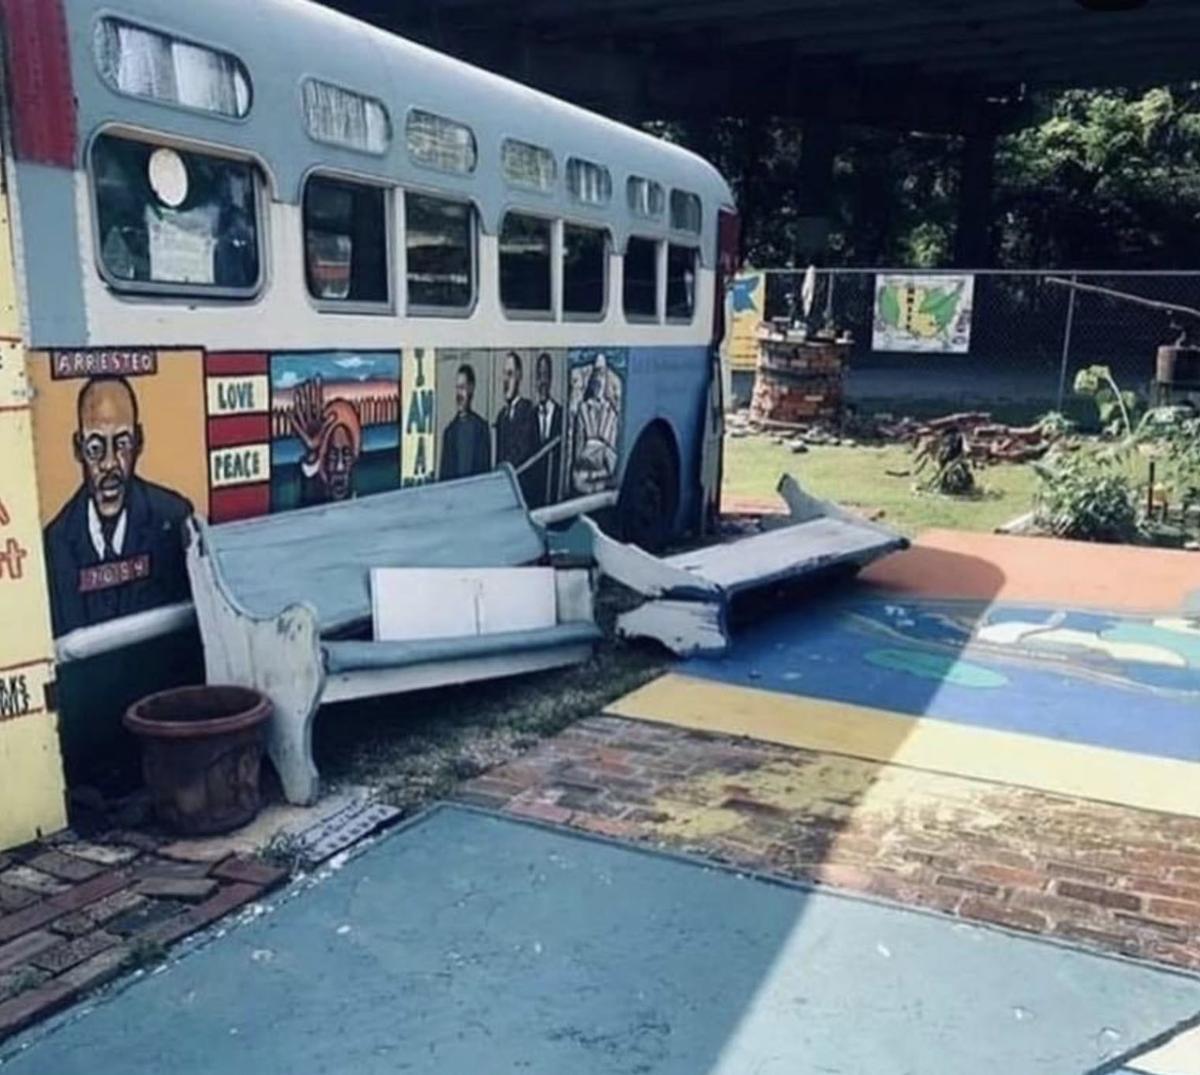 museum vandalism 1.jpg